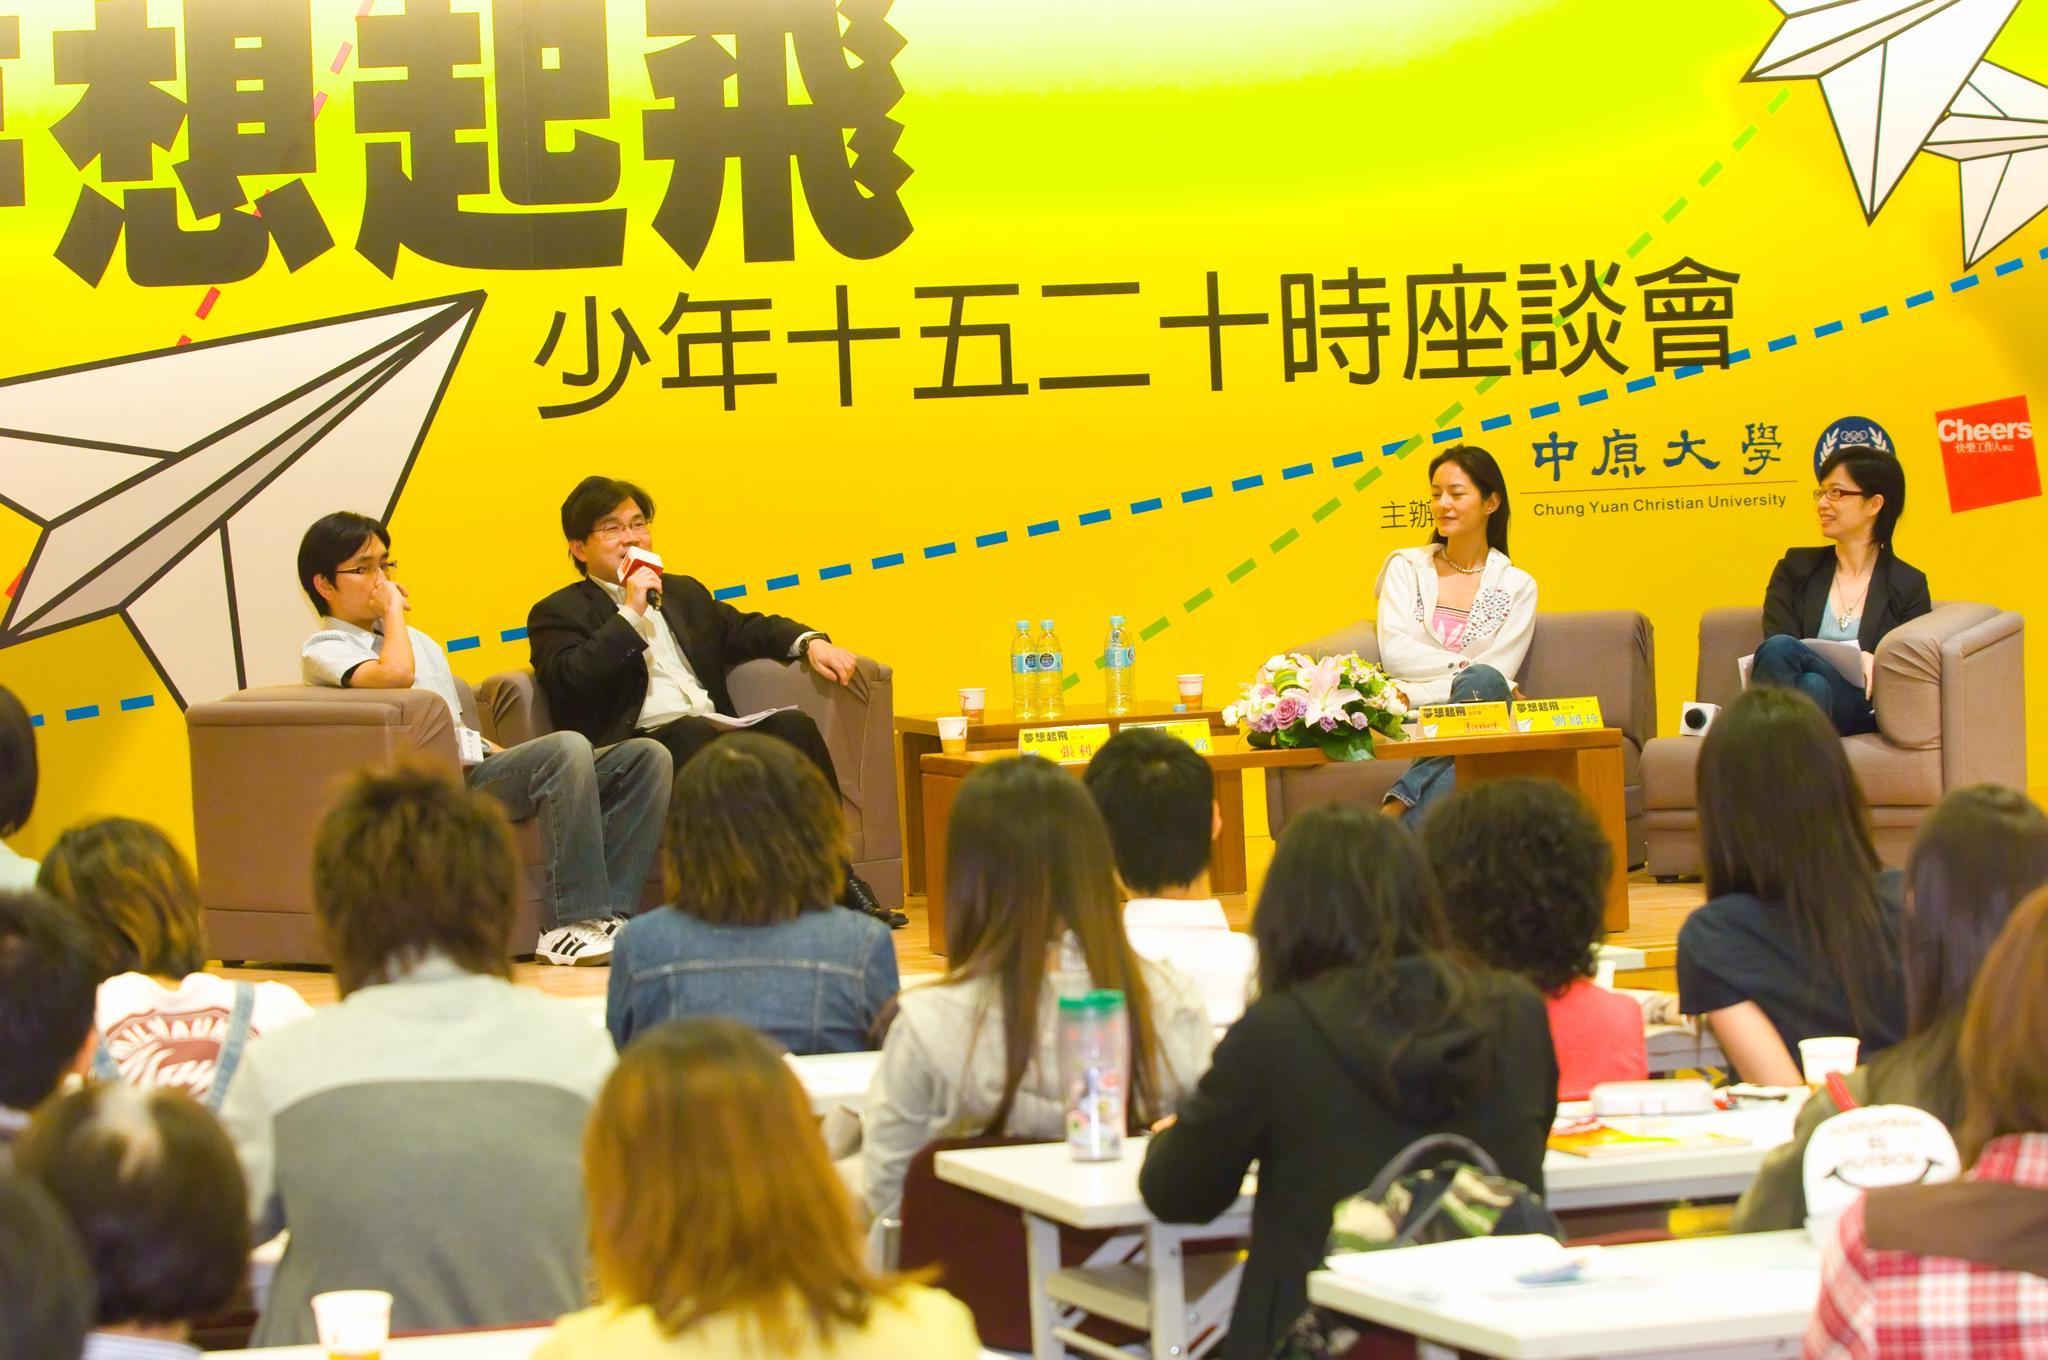 中原大學辦「夢想起飛」座談會 鼓勵高中職生進大學逐夢